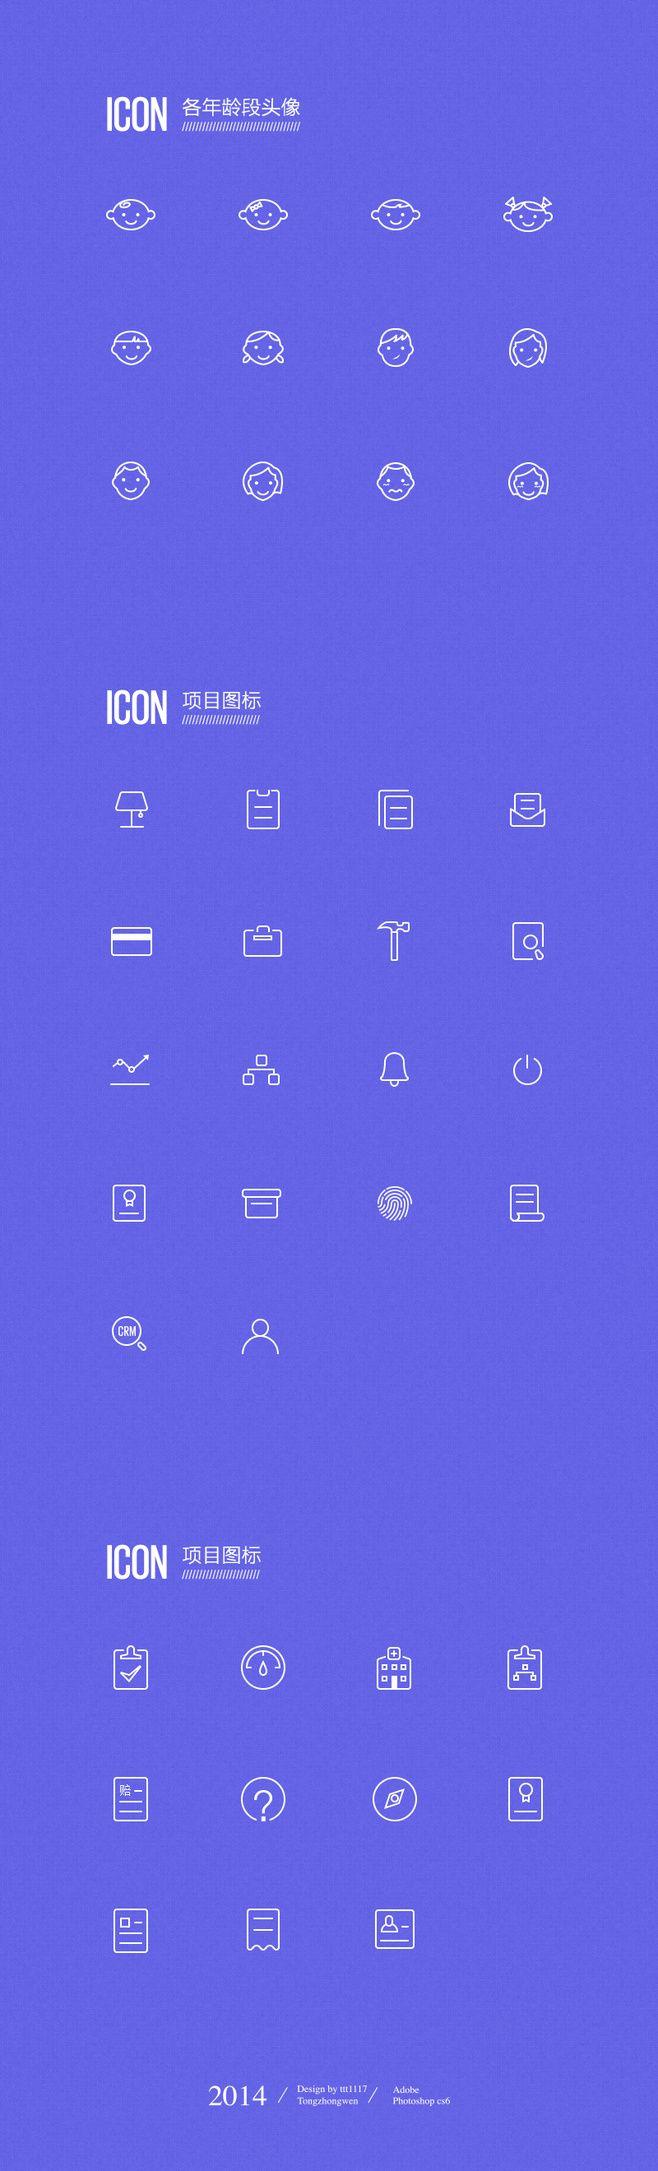 [2014 UI 디자인 솔로] 계속 업데이트됩니다 ...